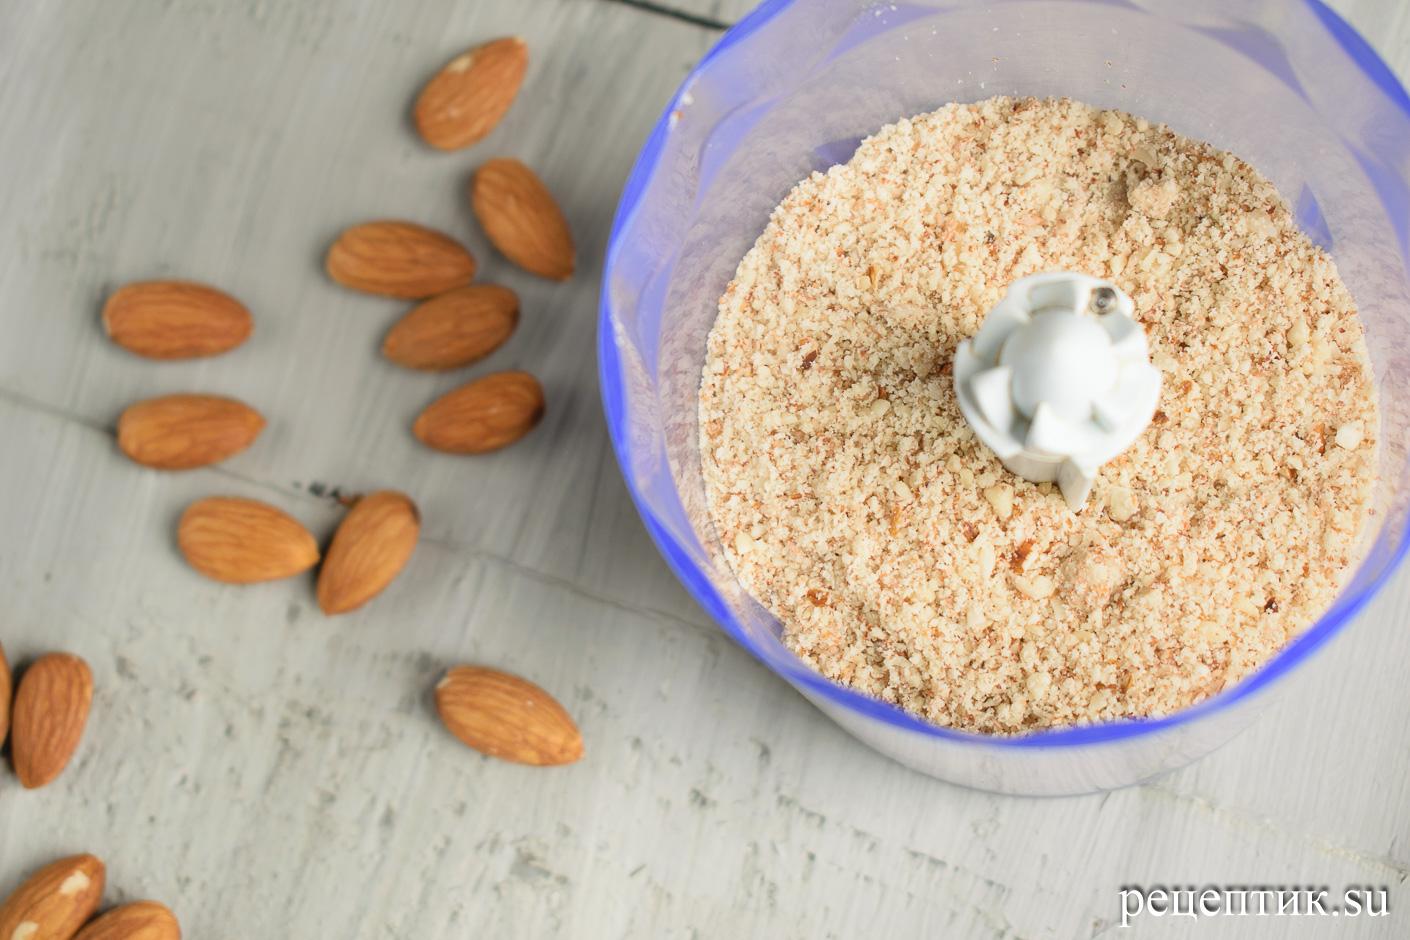 Простое миндальное печенье без муки (ореховое безе) - рецепт с фото, шаг 1